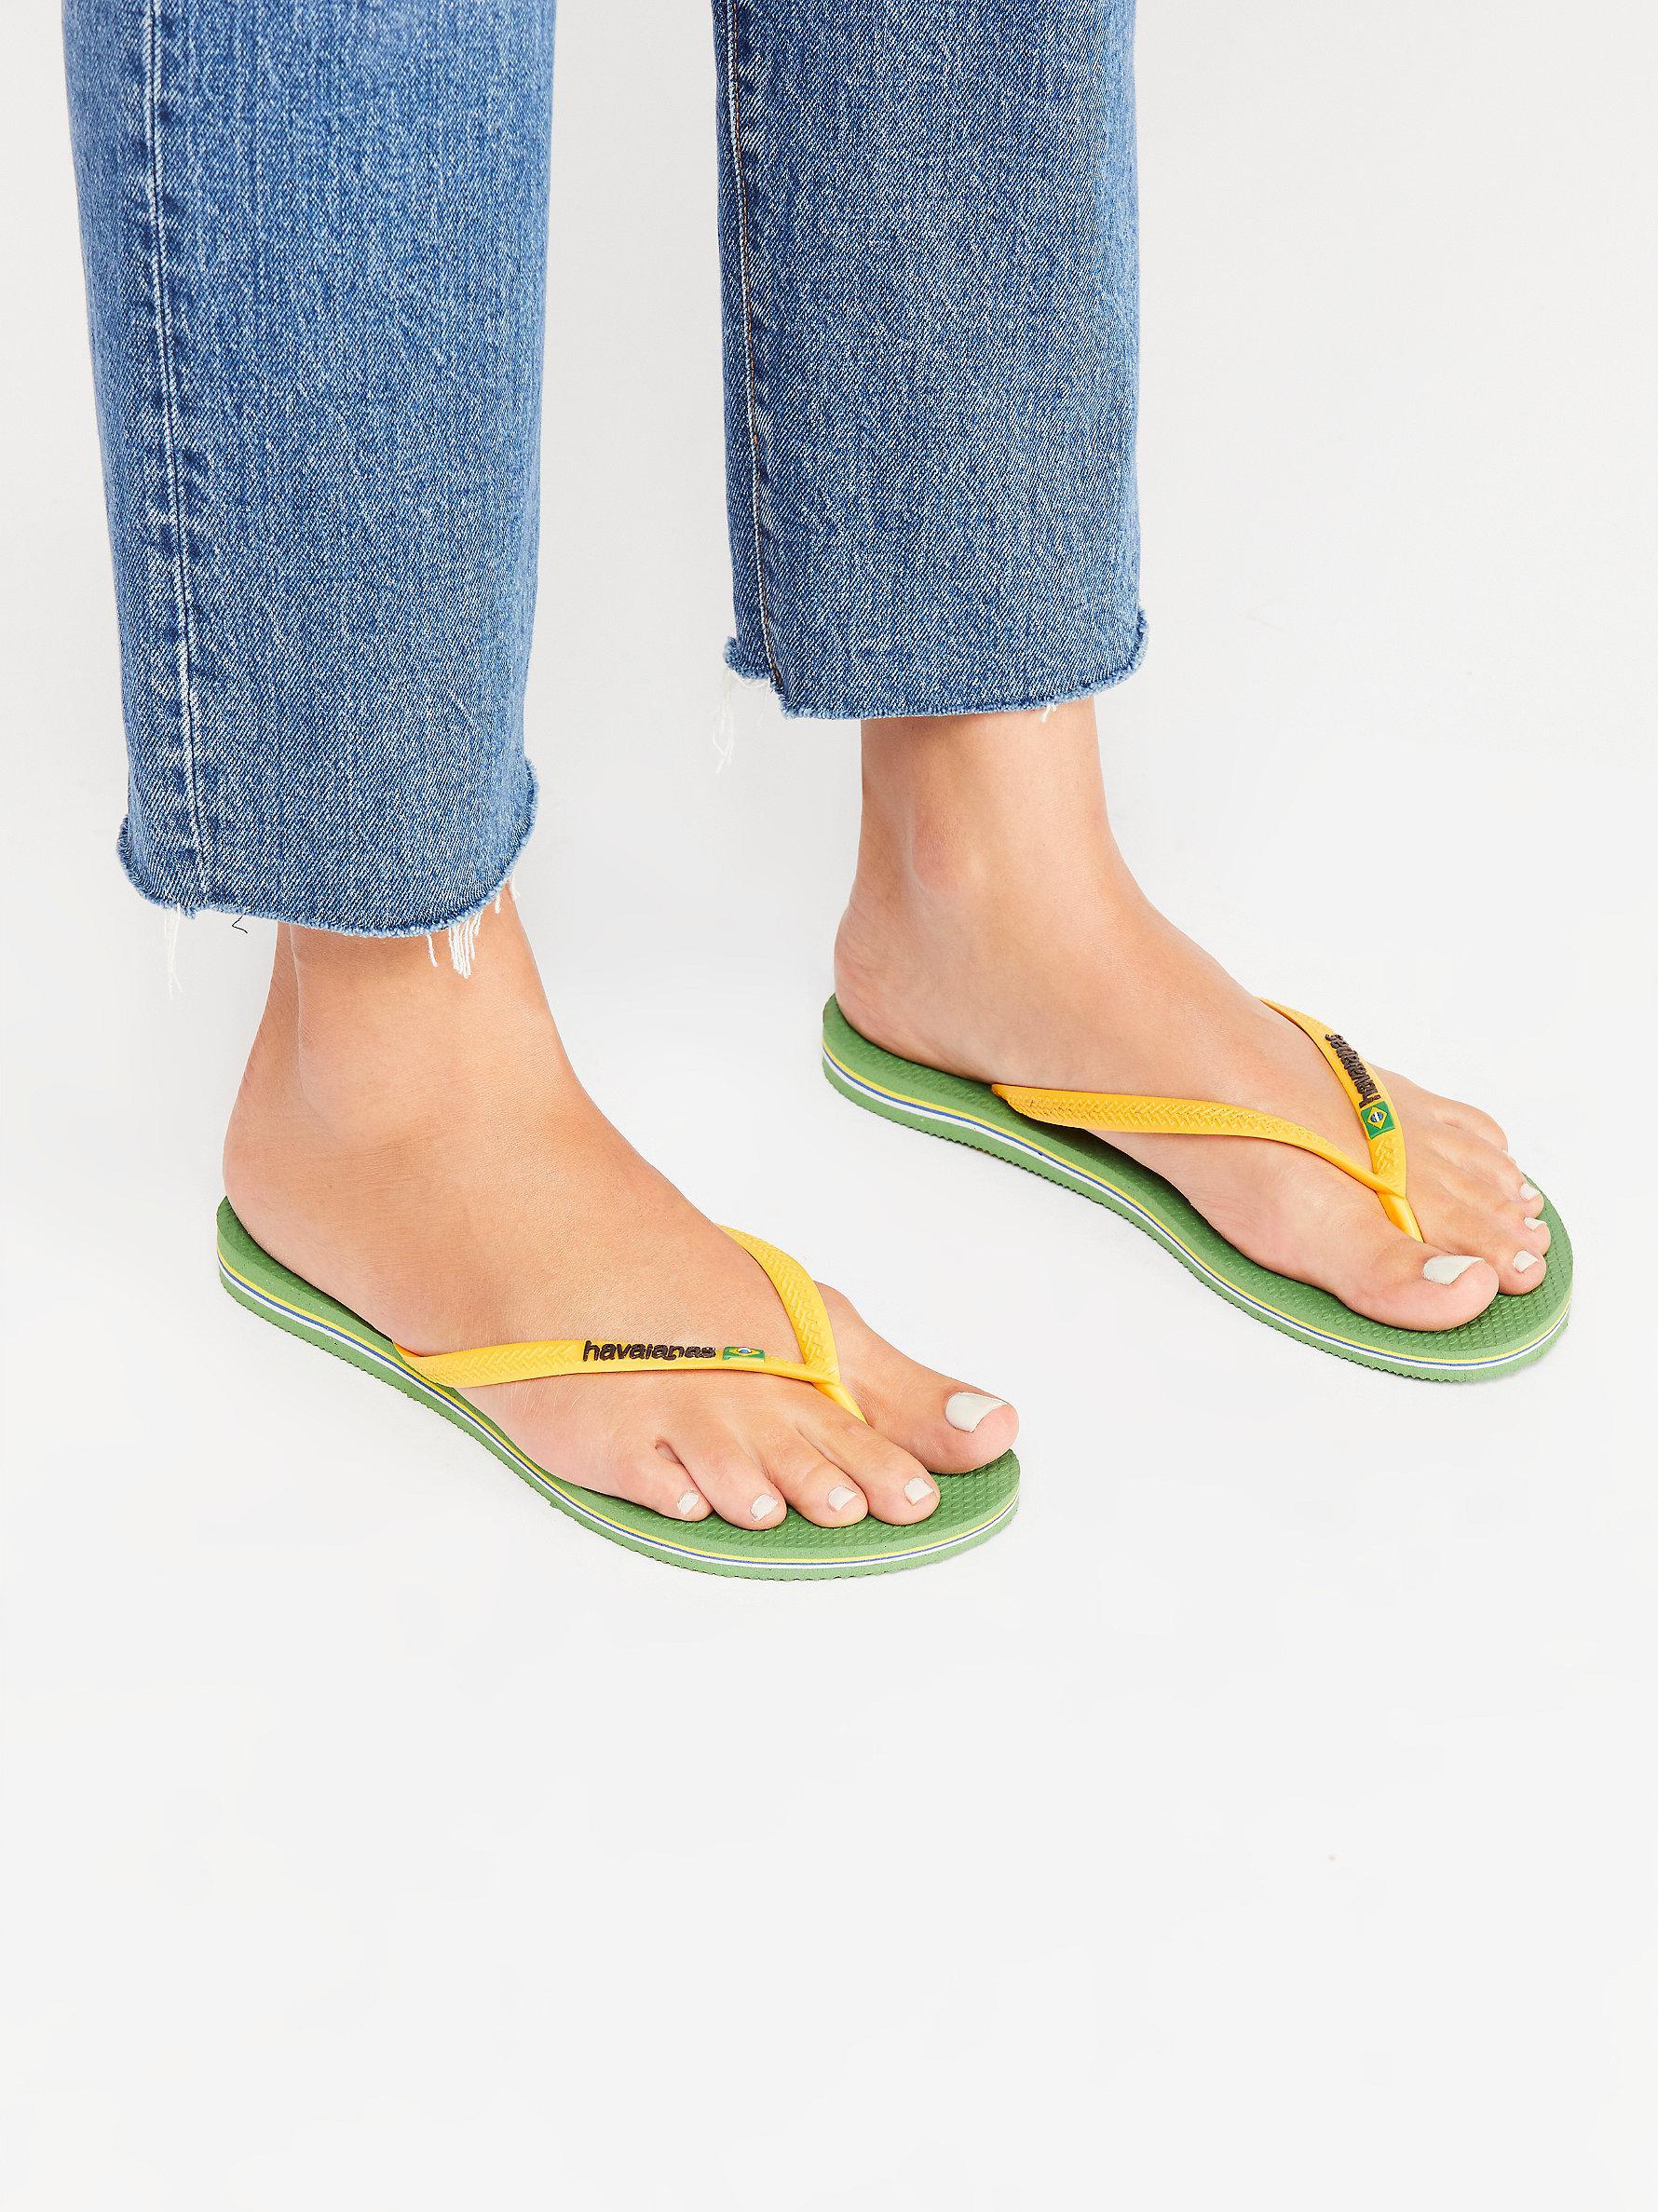 f62b9e5efff8 Lyst - Free People Slim Brazil Sandal By Havaianas in Green